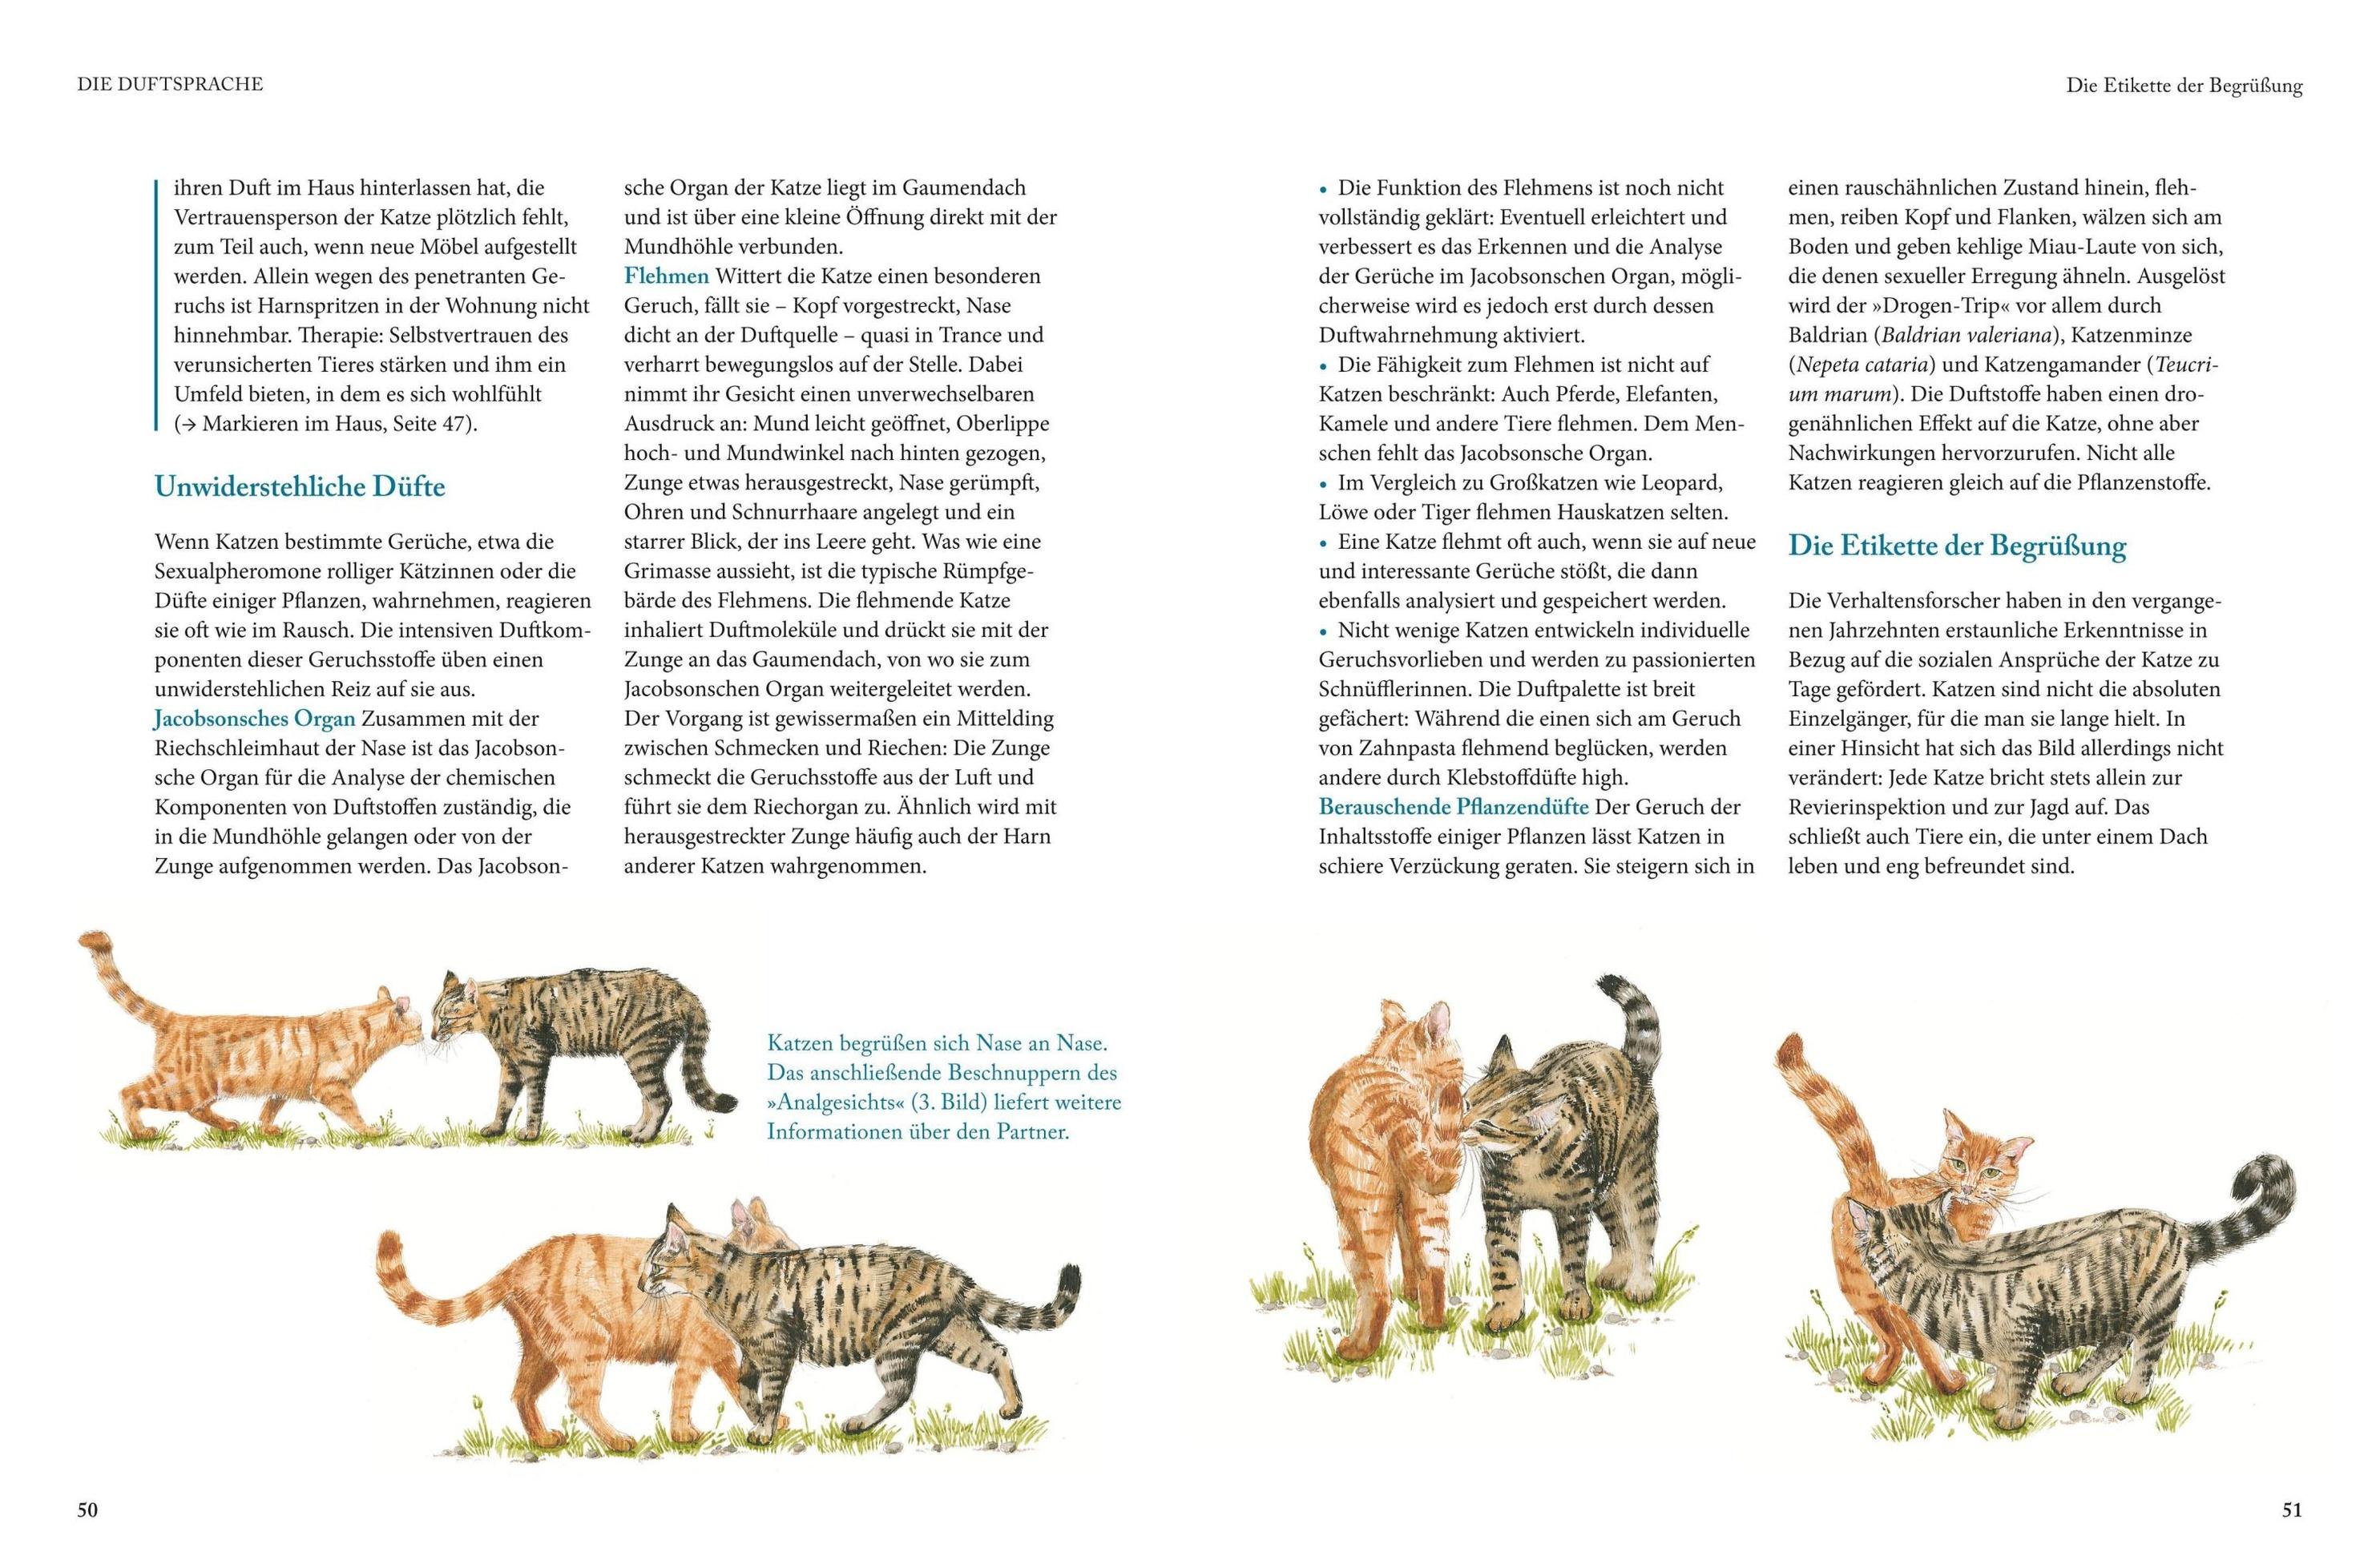 Katzensprache Buch Von Gerd Ludwig Bei Weltbild Ch Bestellen